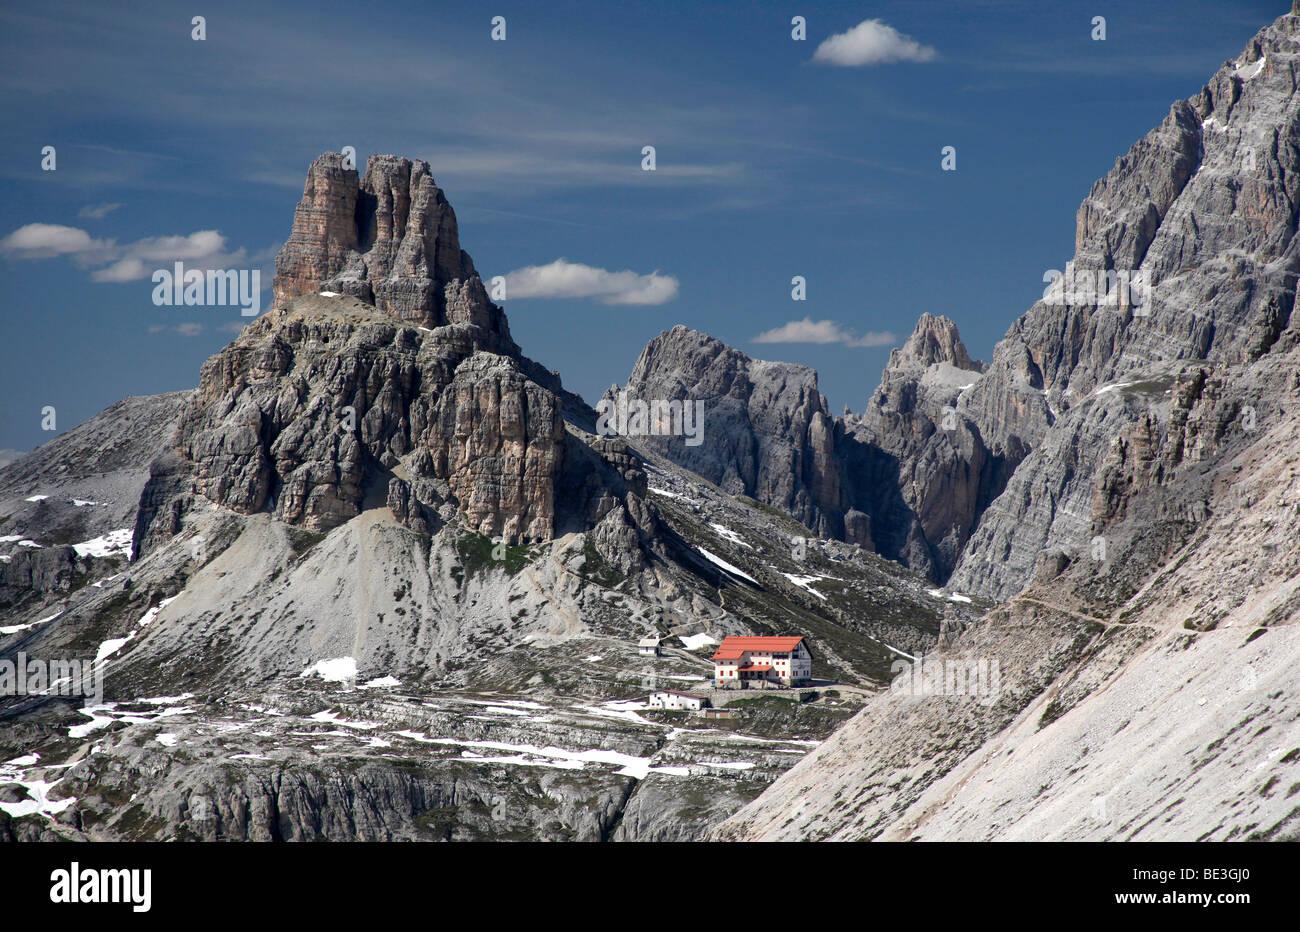 Tre Cimi di Lavaredo cabin, Tre Cimi di Lavaredo, Dolomites, Alto Adige, Italy, Europe - Stock Image